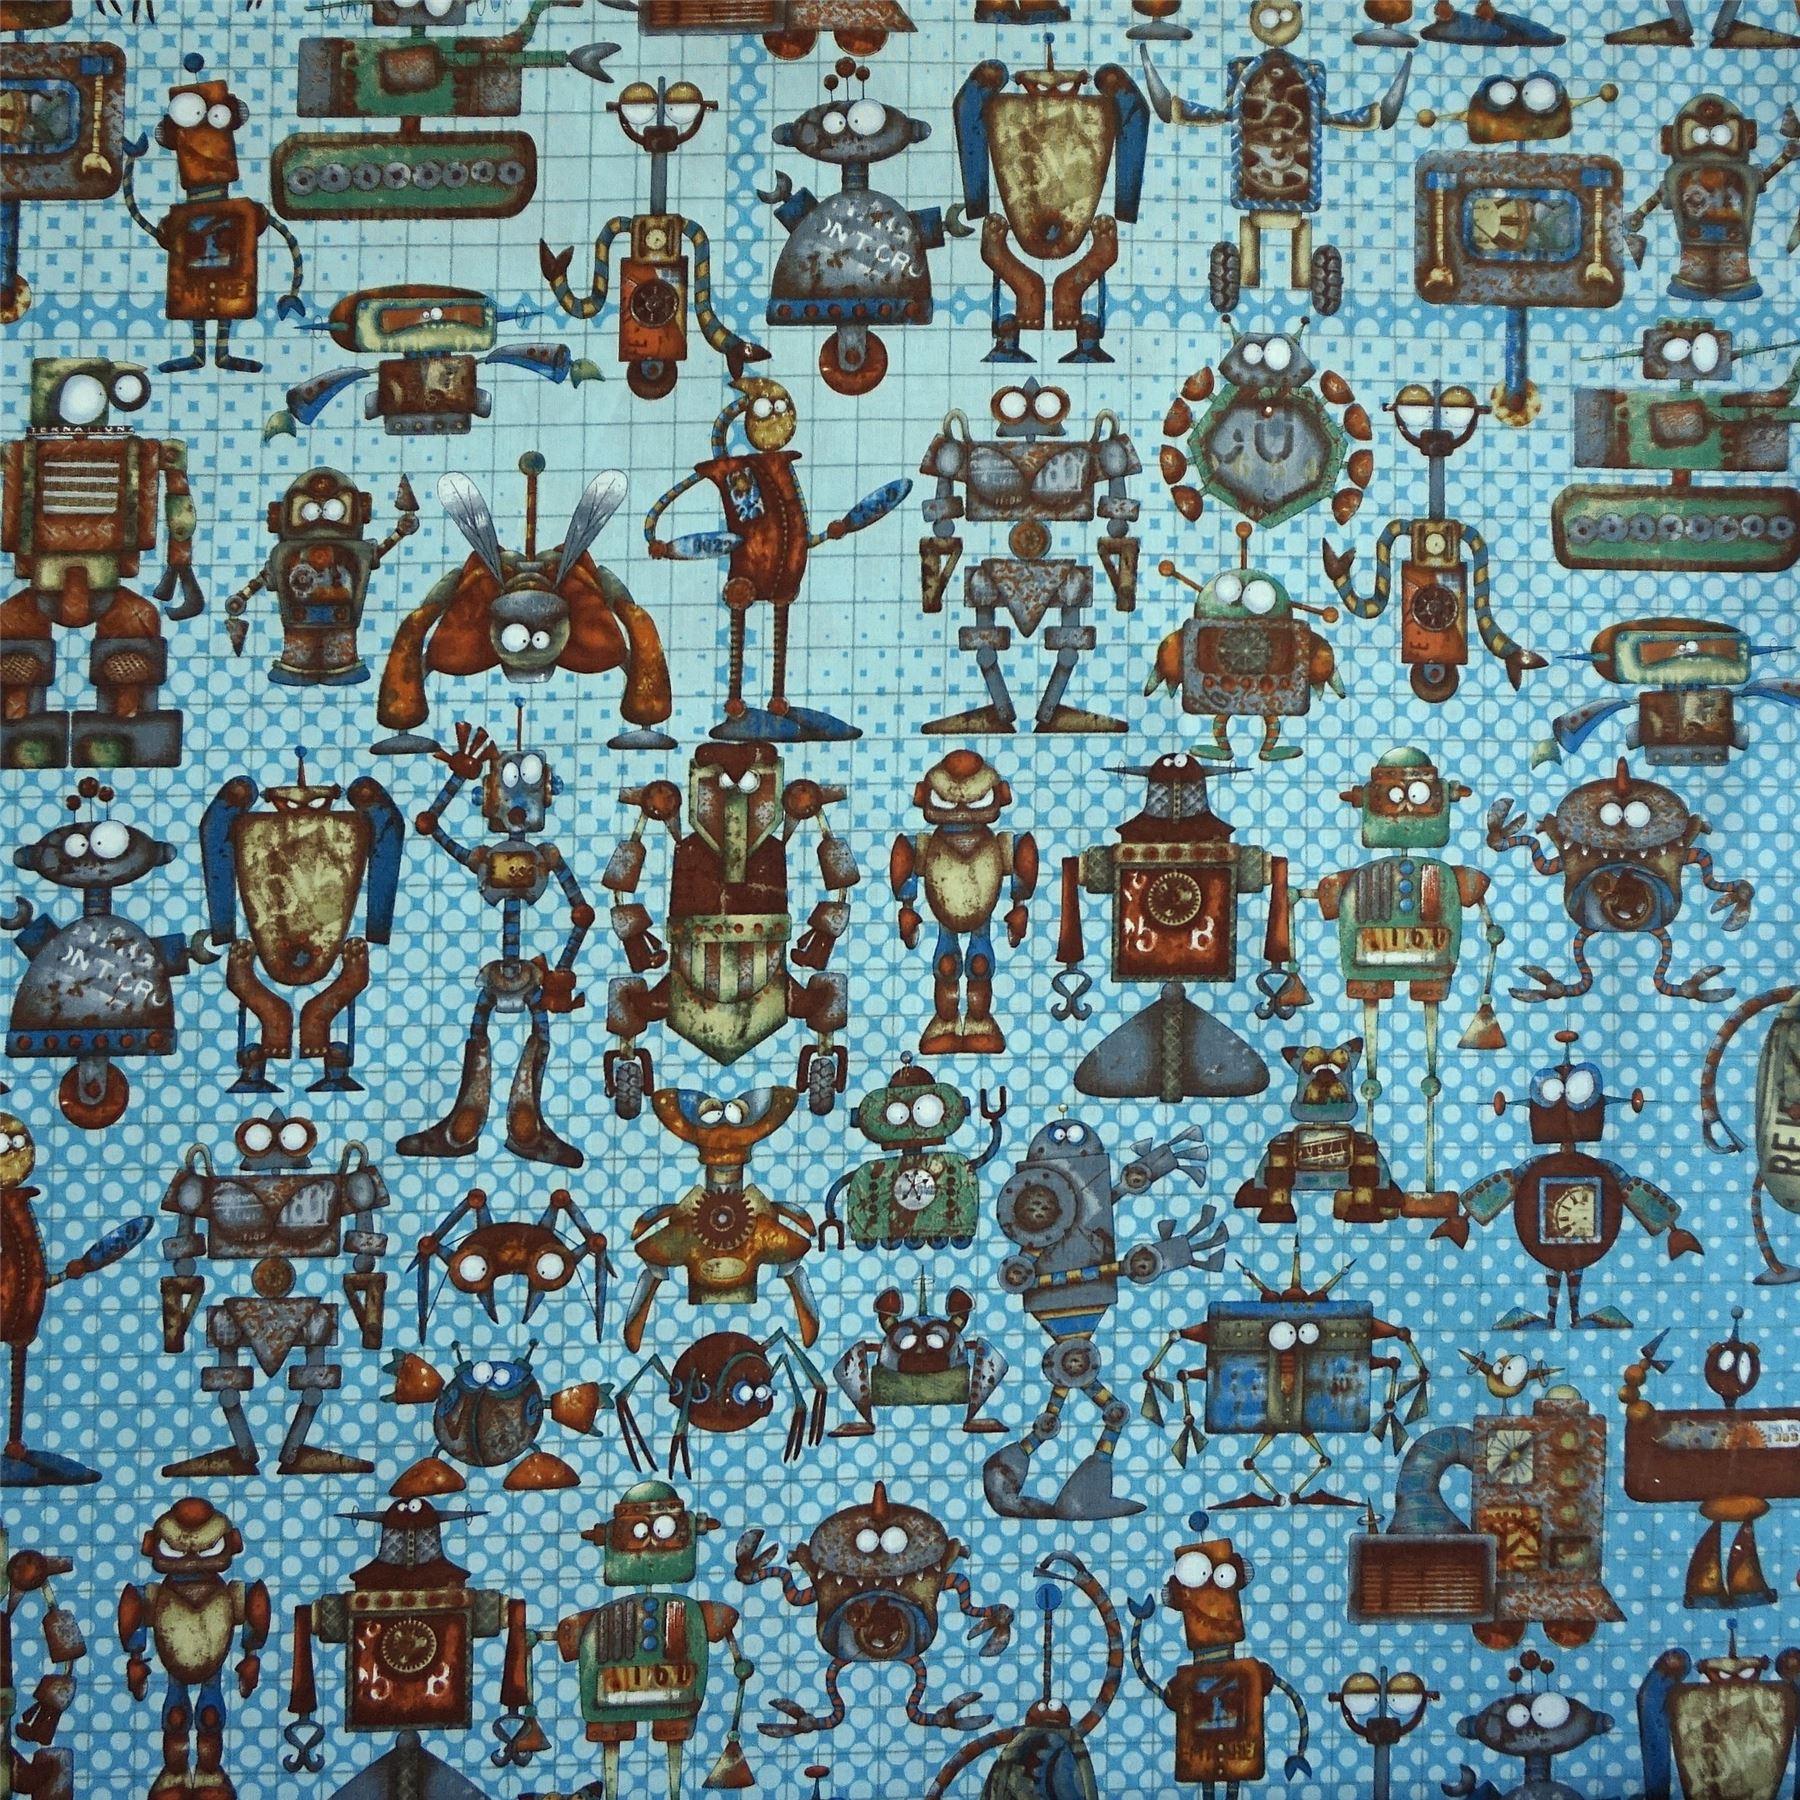 par mètre Motif grille 100/% tissu de coton avec Rusty robots Imprimé 2 cols